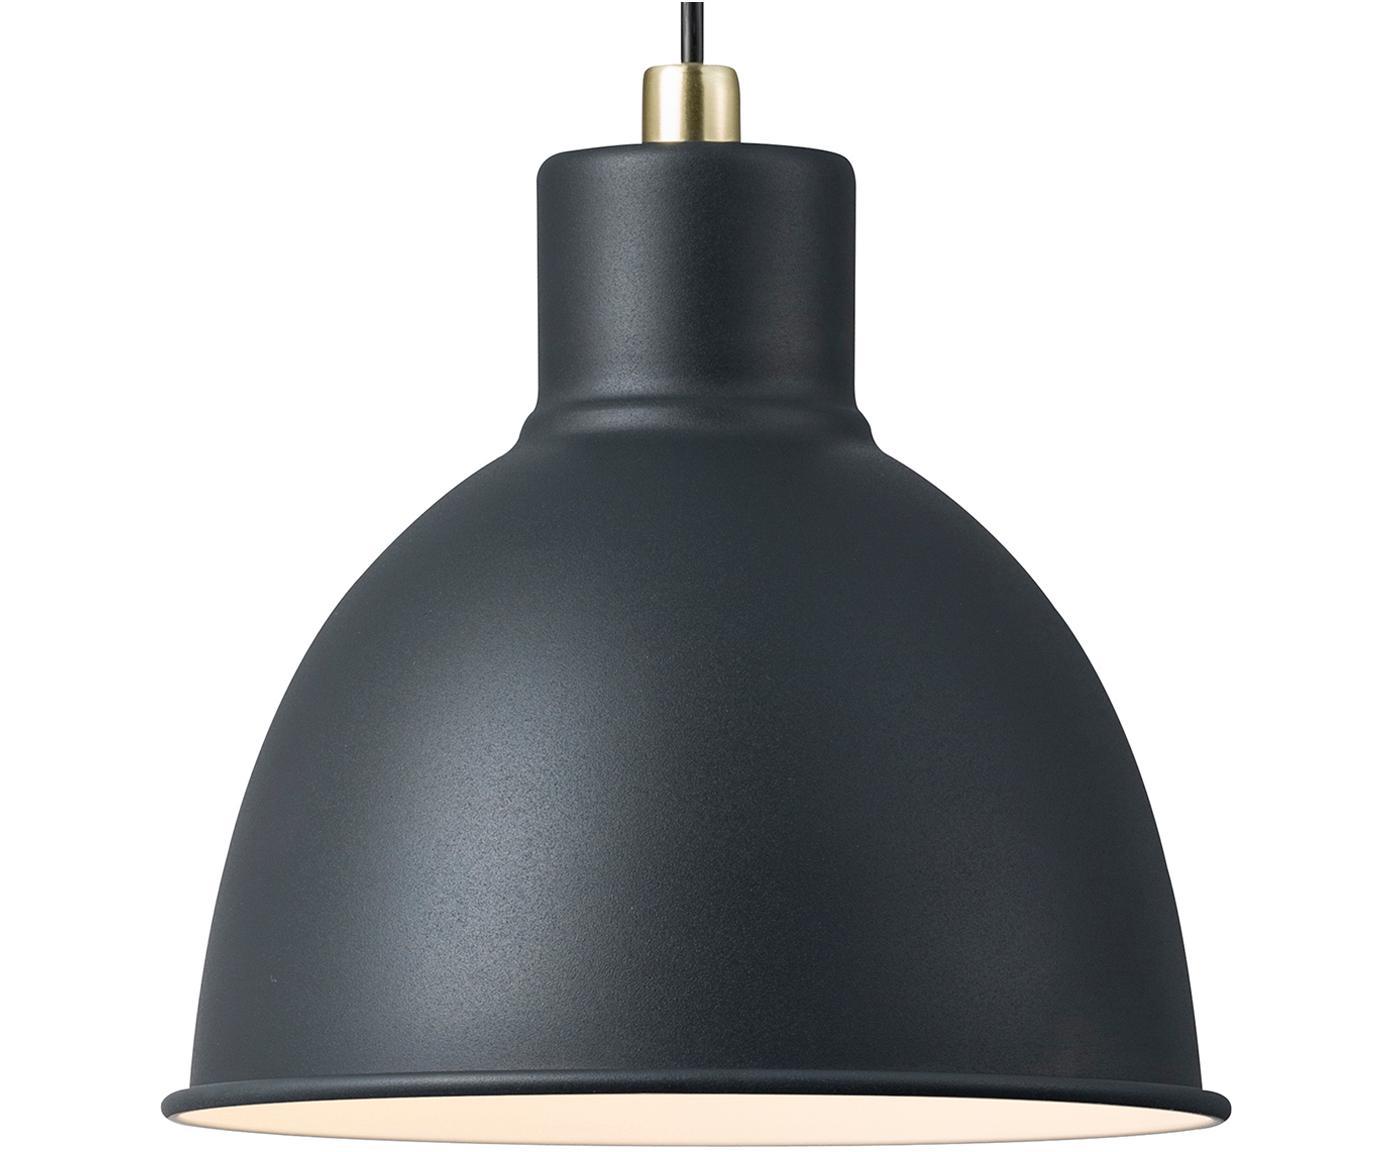 Lámpara de techo pequeña Pop, estilo escandinavo, Pantalla: metal recubierto, Anclaje: plástico, Cable: plástico, Gris antracita, Ø 21 x Al 24 cm